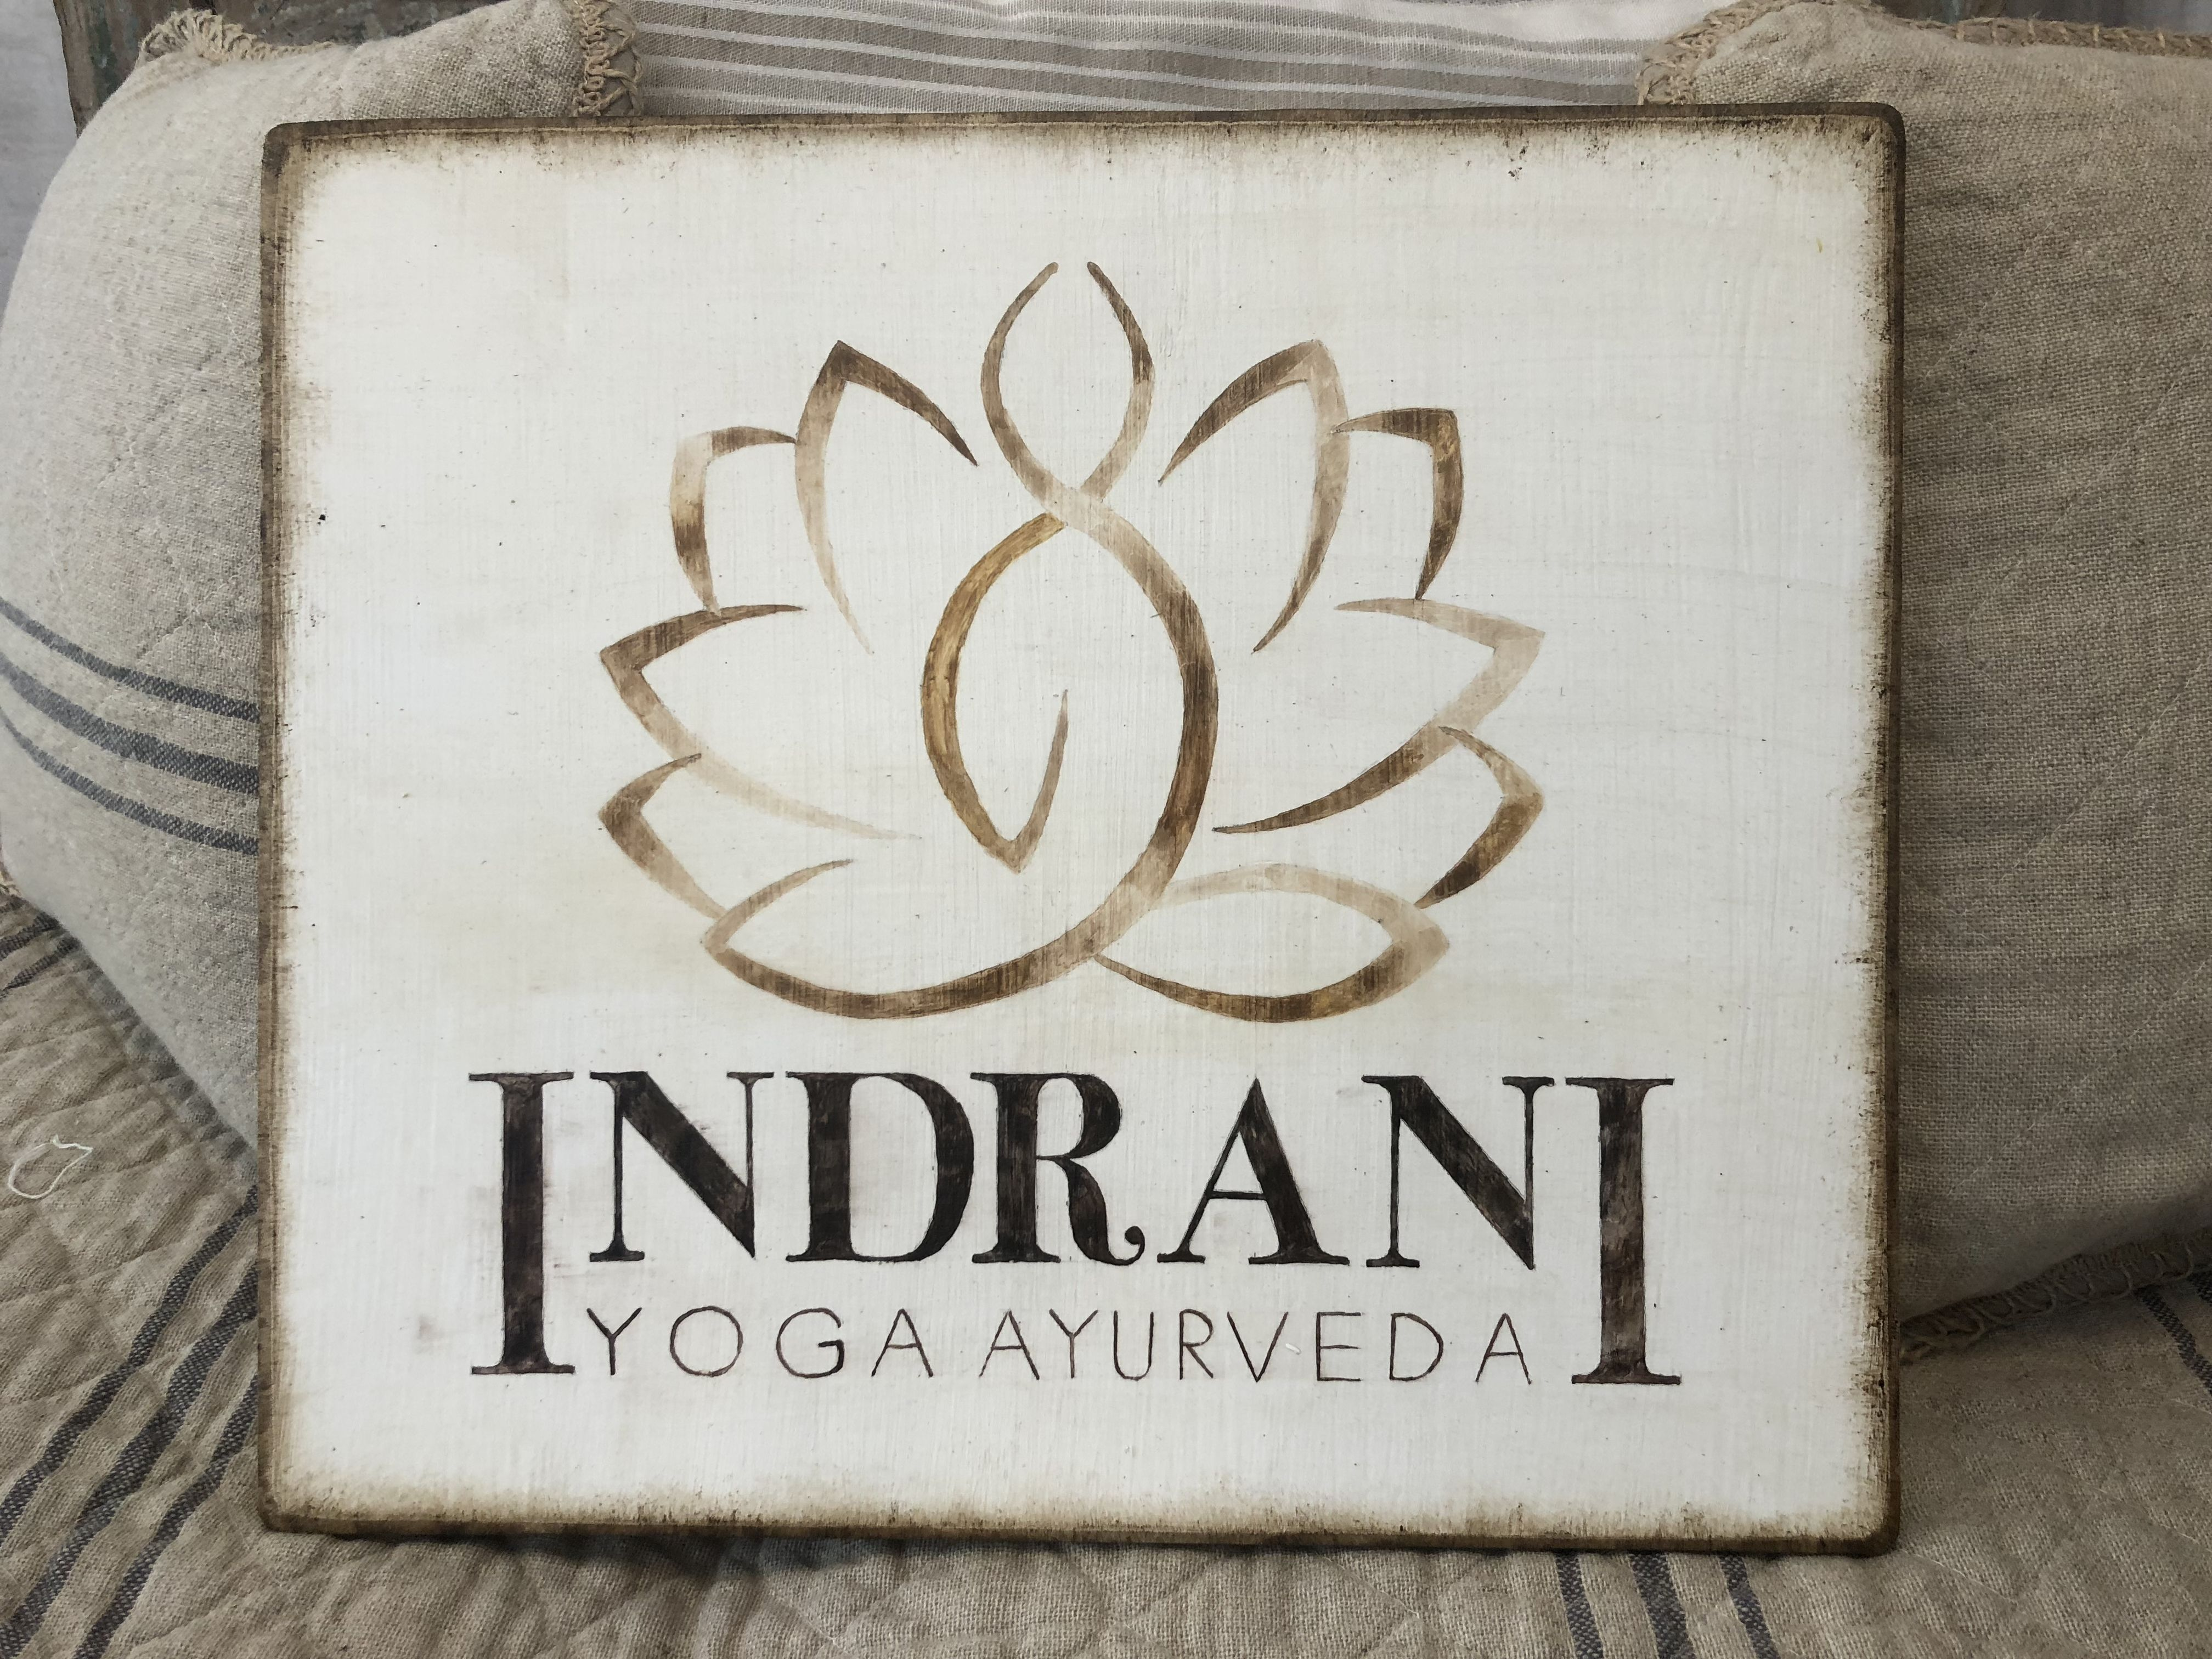 Arredamento Buongiorno Lodi dal logo originaleal quadrodipinto a mano su legno